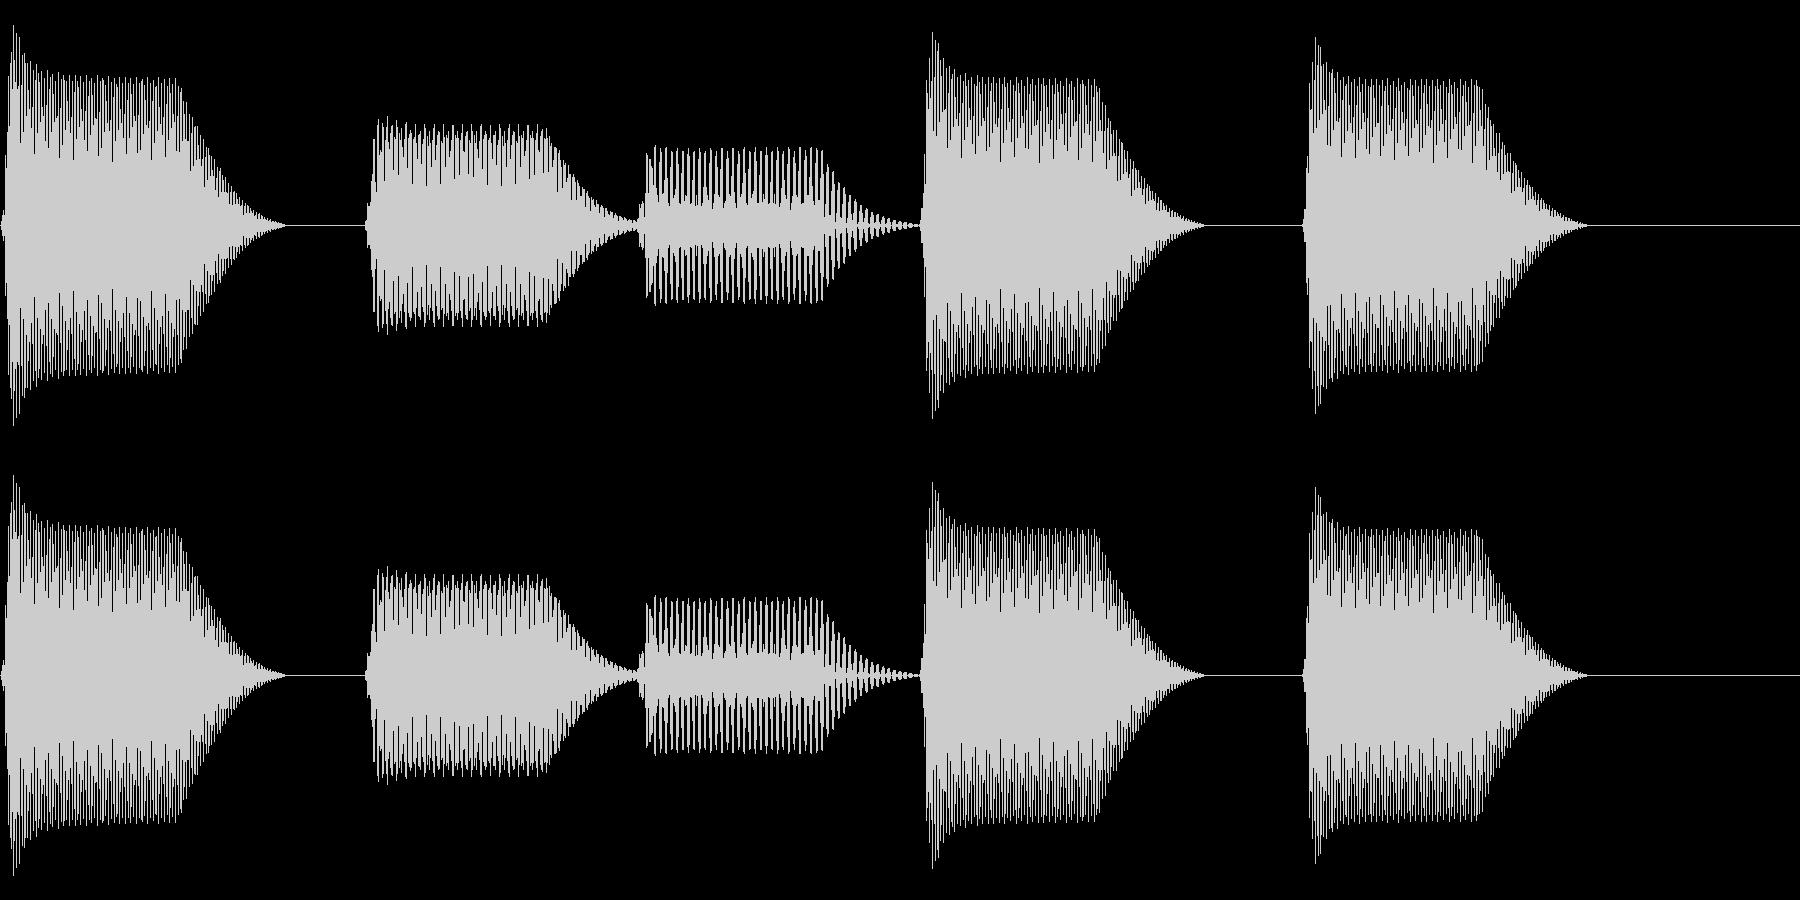 往年のRPG風 コマンド音 シリーズ11の未再生の波形